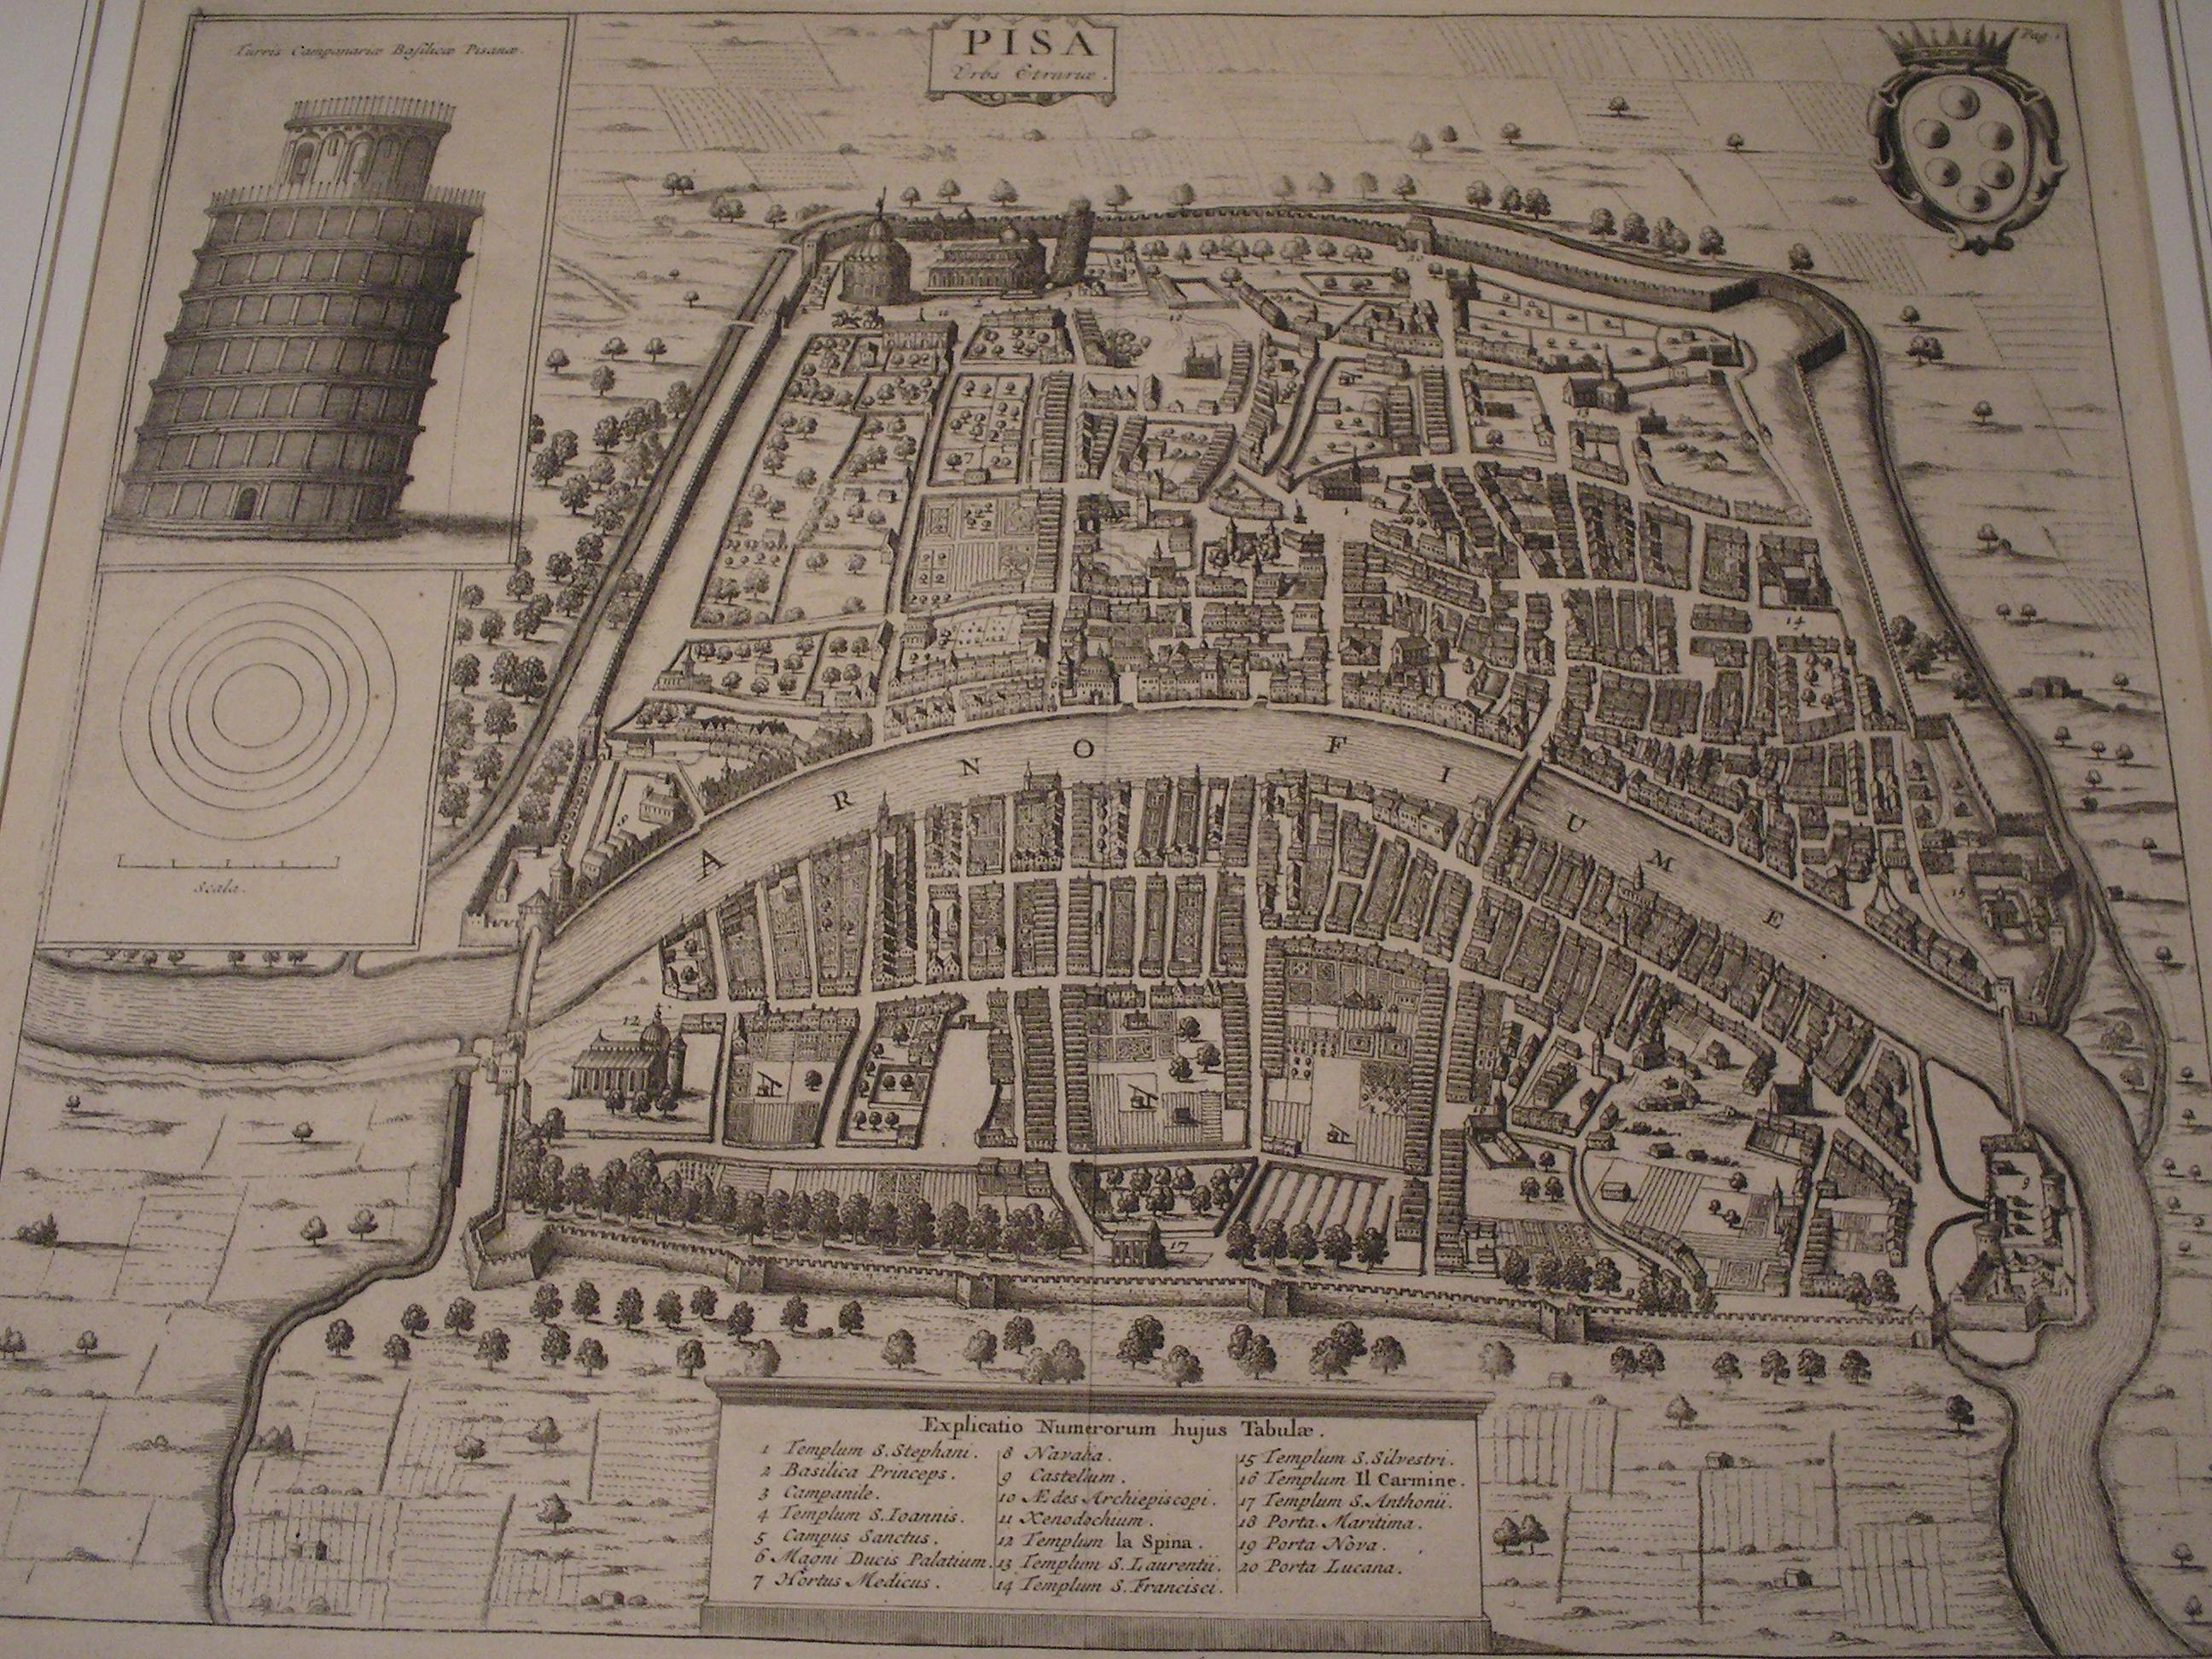 Pianta di Pisa